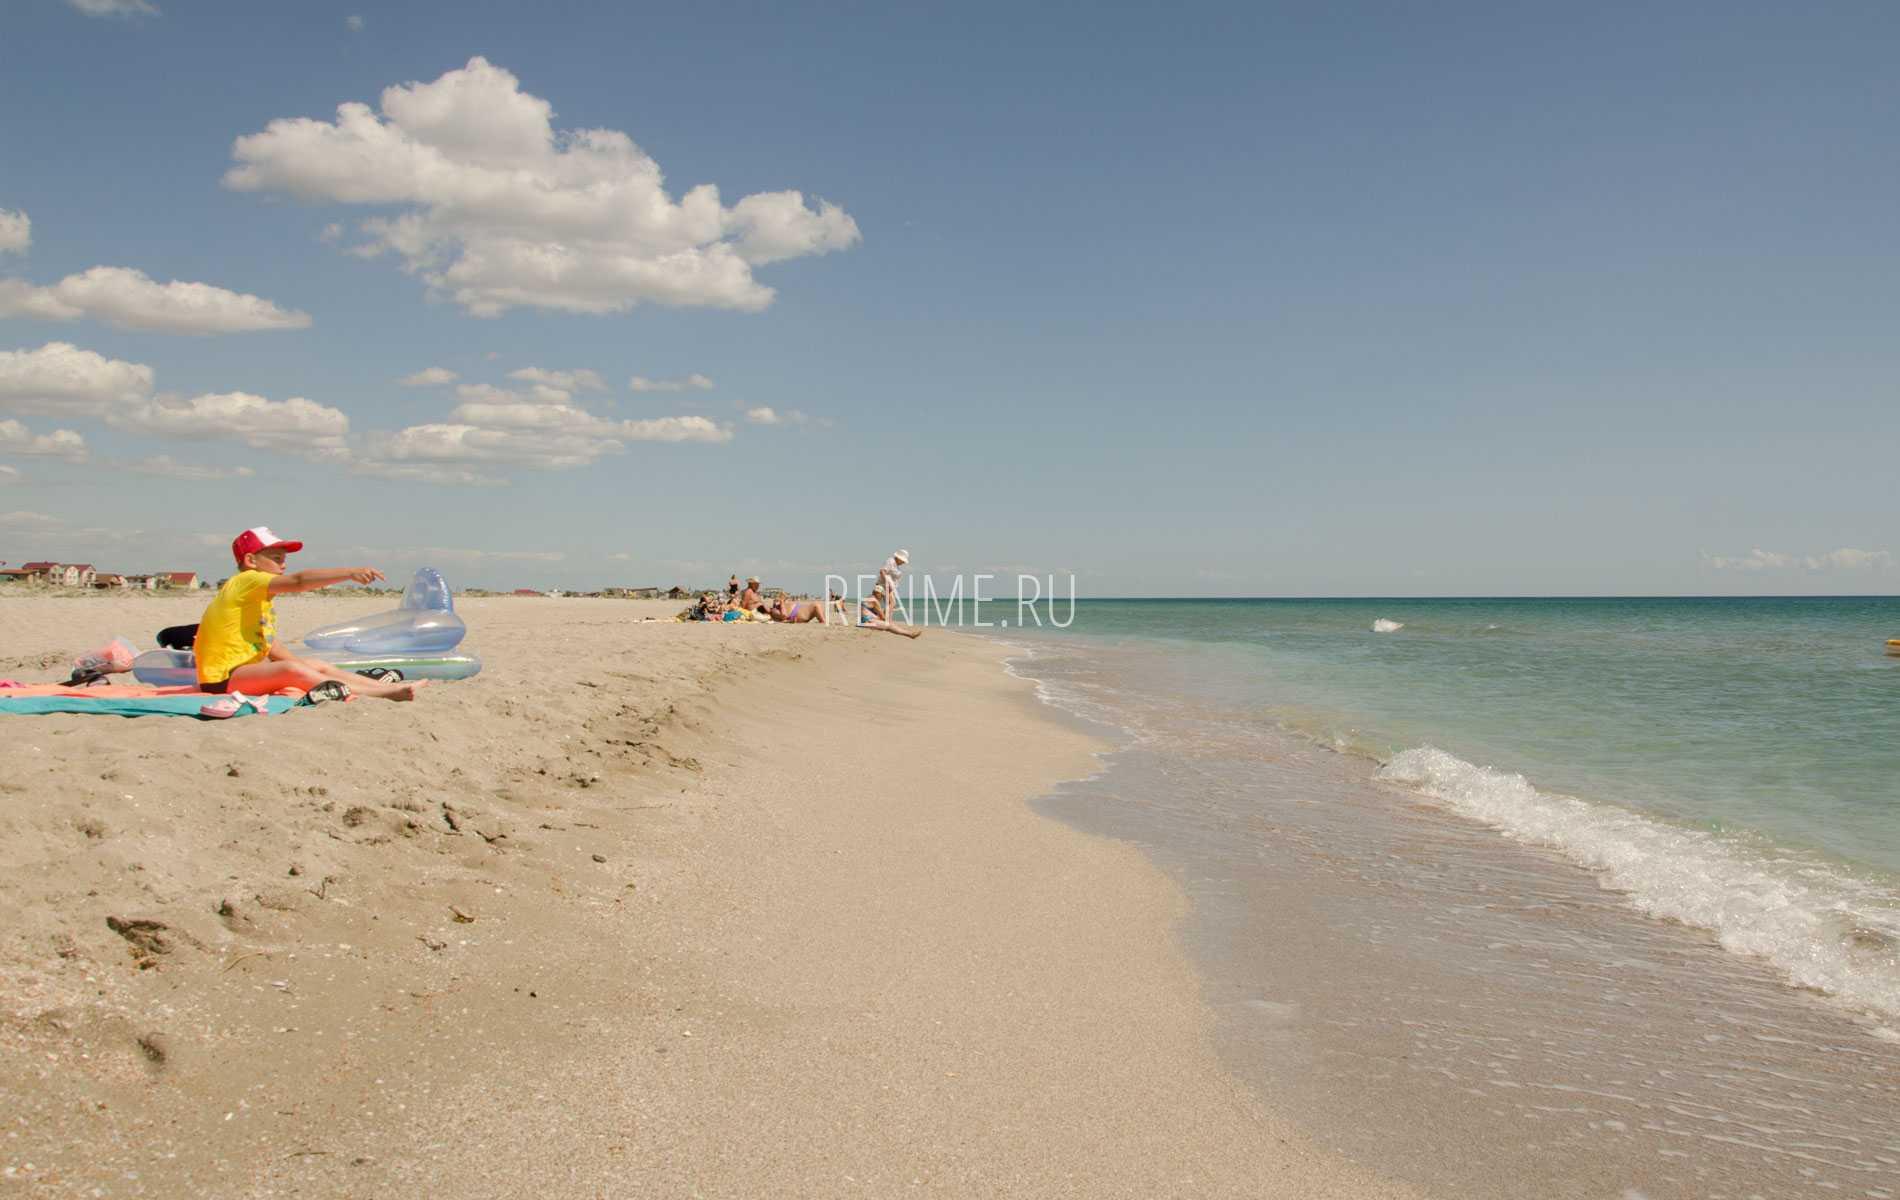 Песчаные пляжи крыма для отдыха с детьми: лучшие песочные пляжи